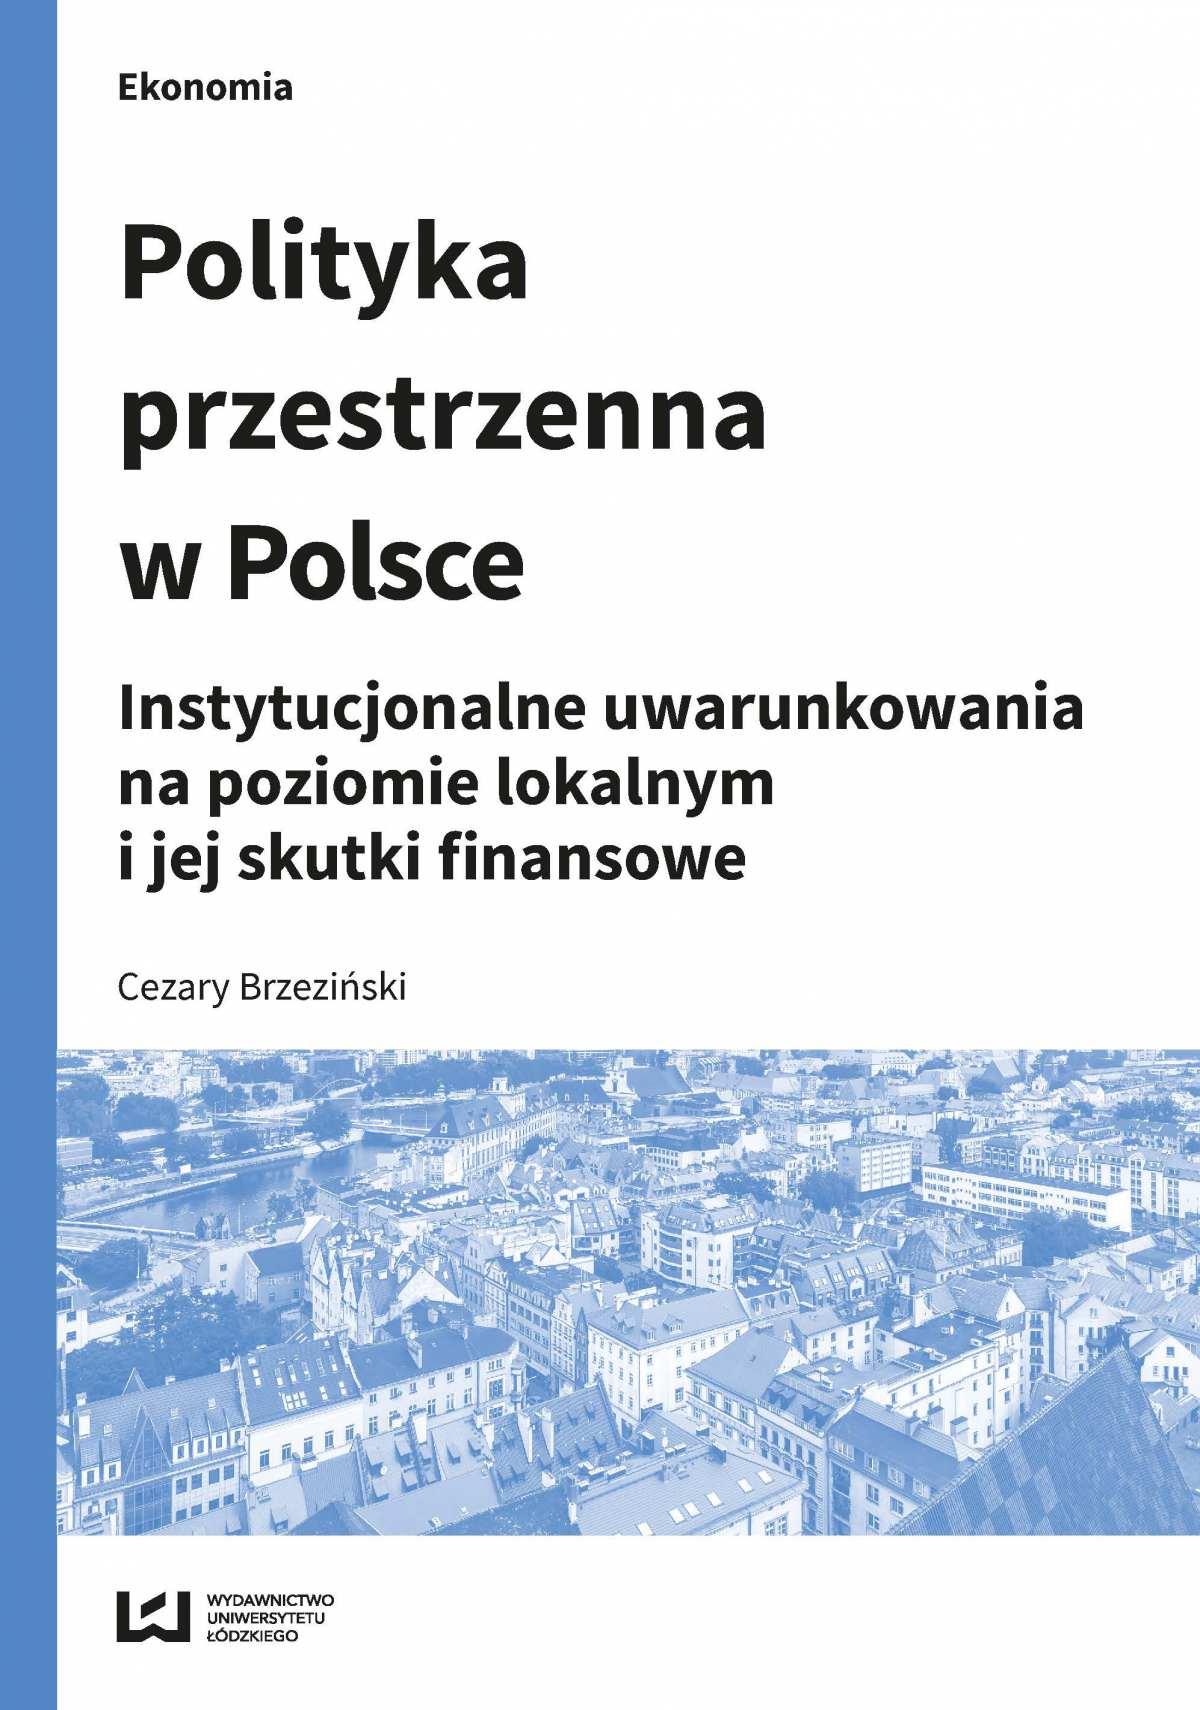 Polityka przestrzenna w Polsce. Instytucjonalne uwarunkowania na poziomie lokalnym i jej skutki finansowe - Ebook (Książka PDF) do pobrania w formacie PDF